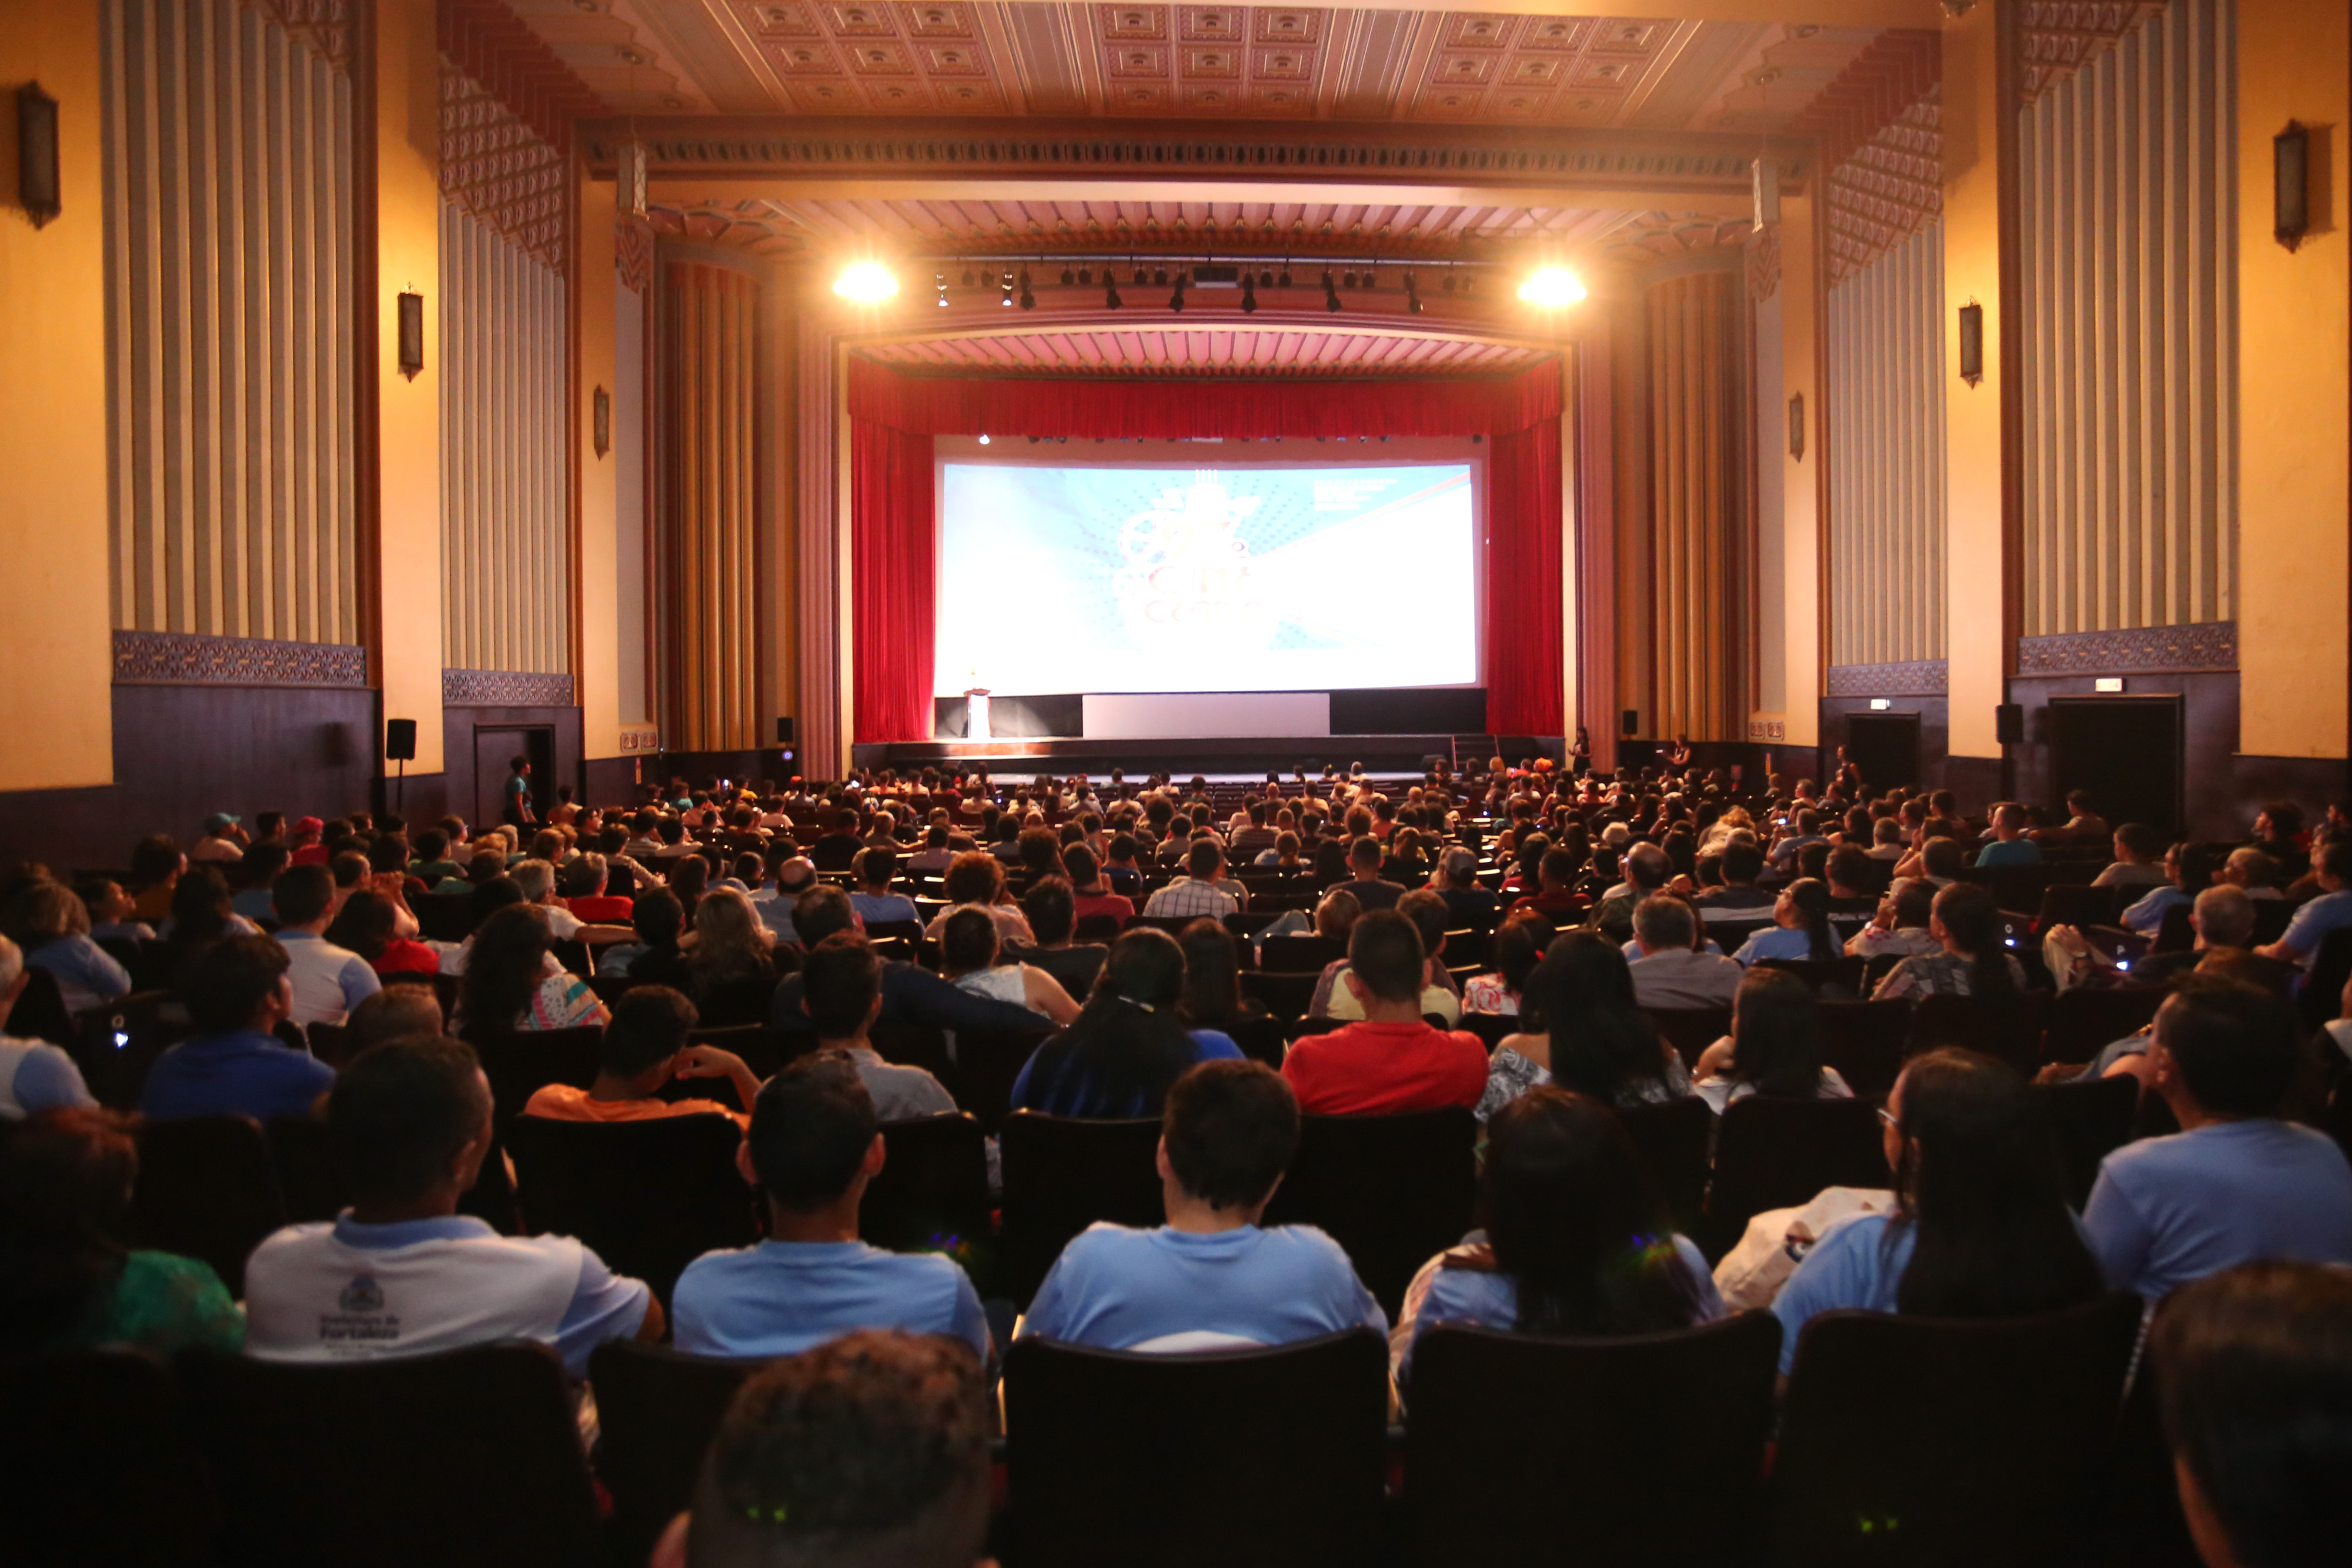 Cineteatro São Luiz_foto Rogerio Resende 2